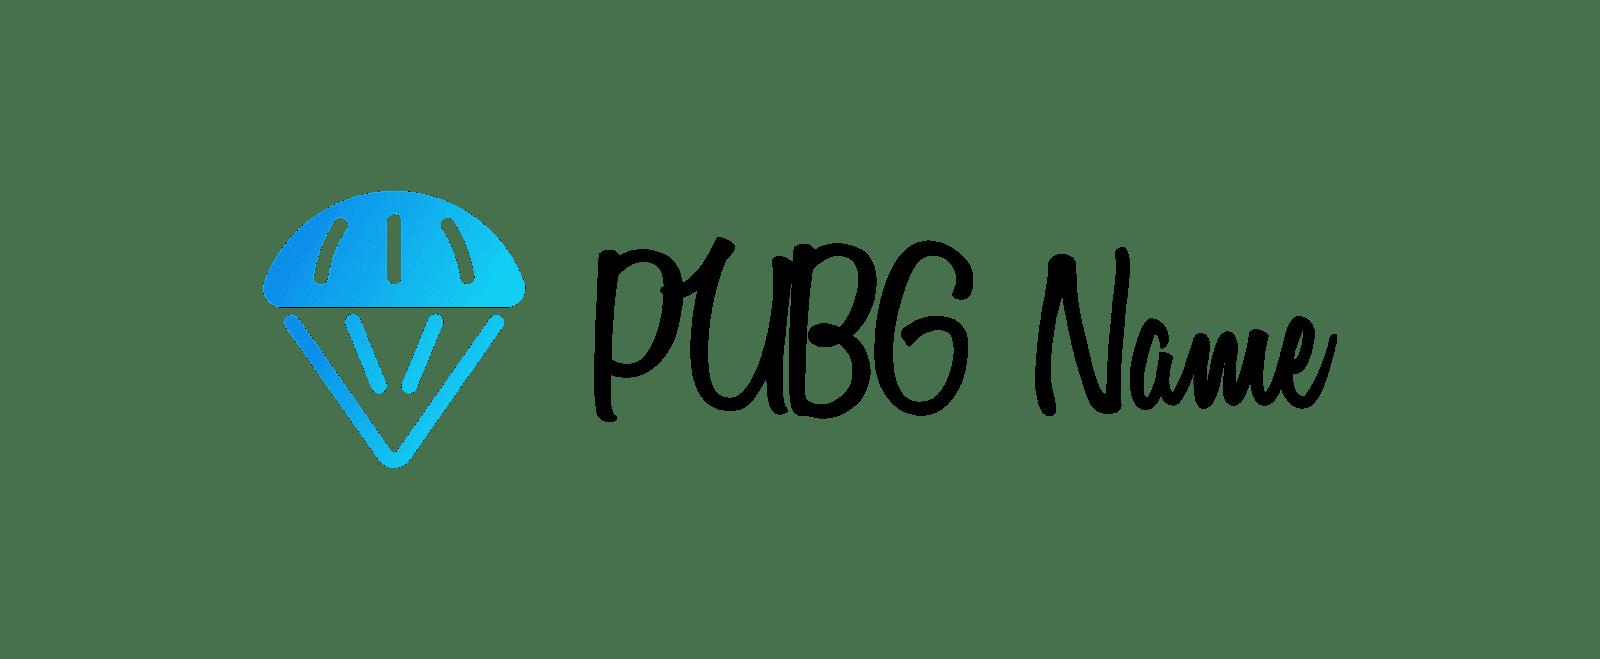 PUBG Name 2021- Best Unique And Cool PUBG Names